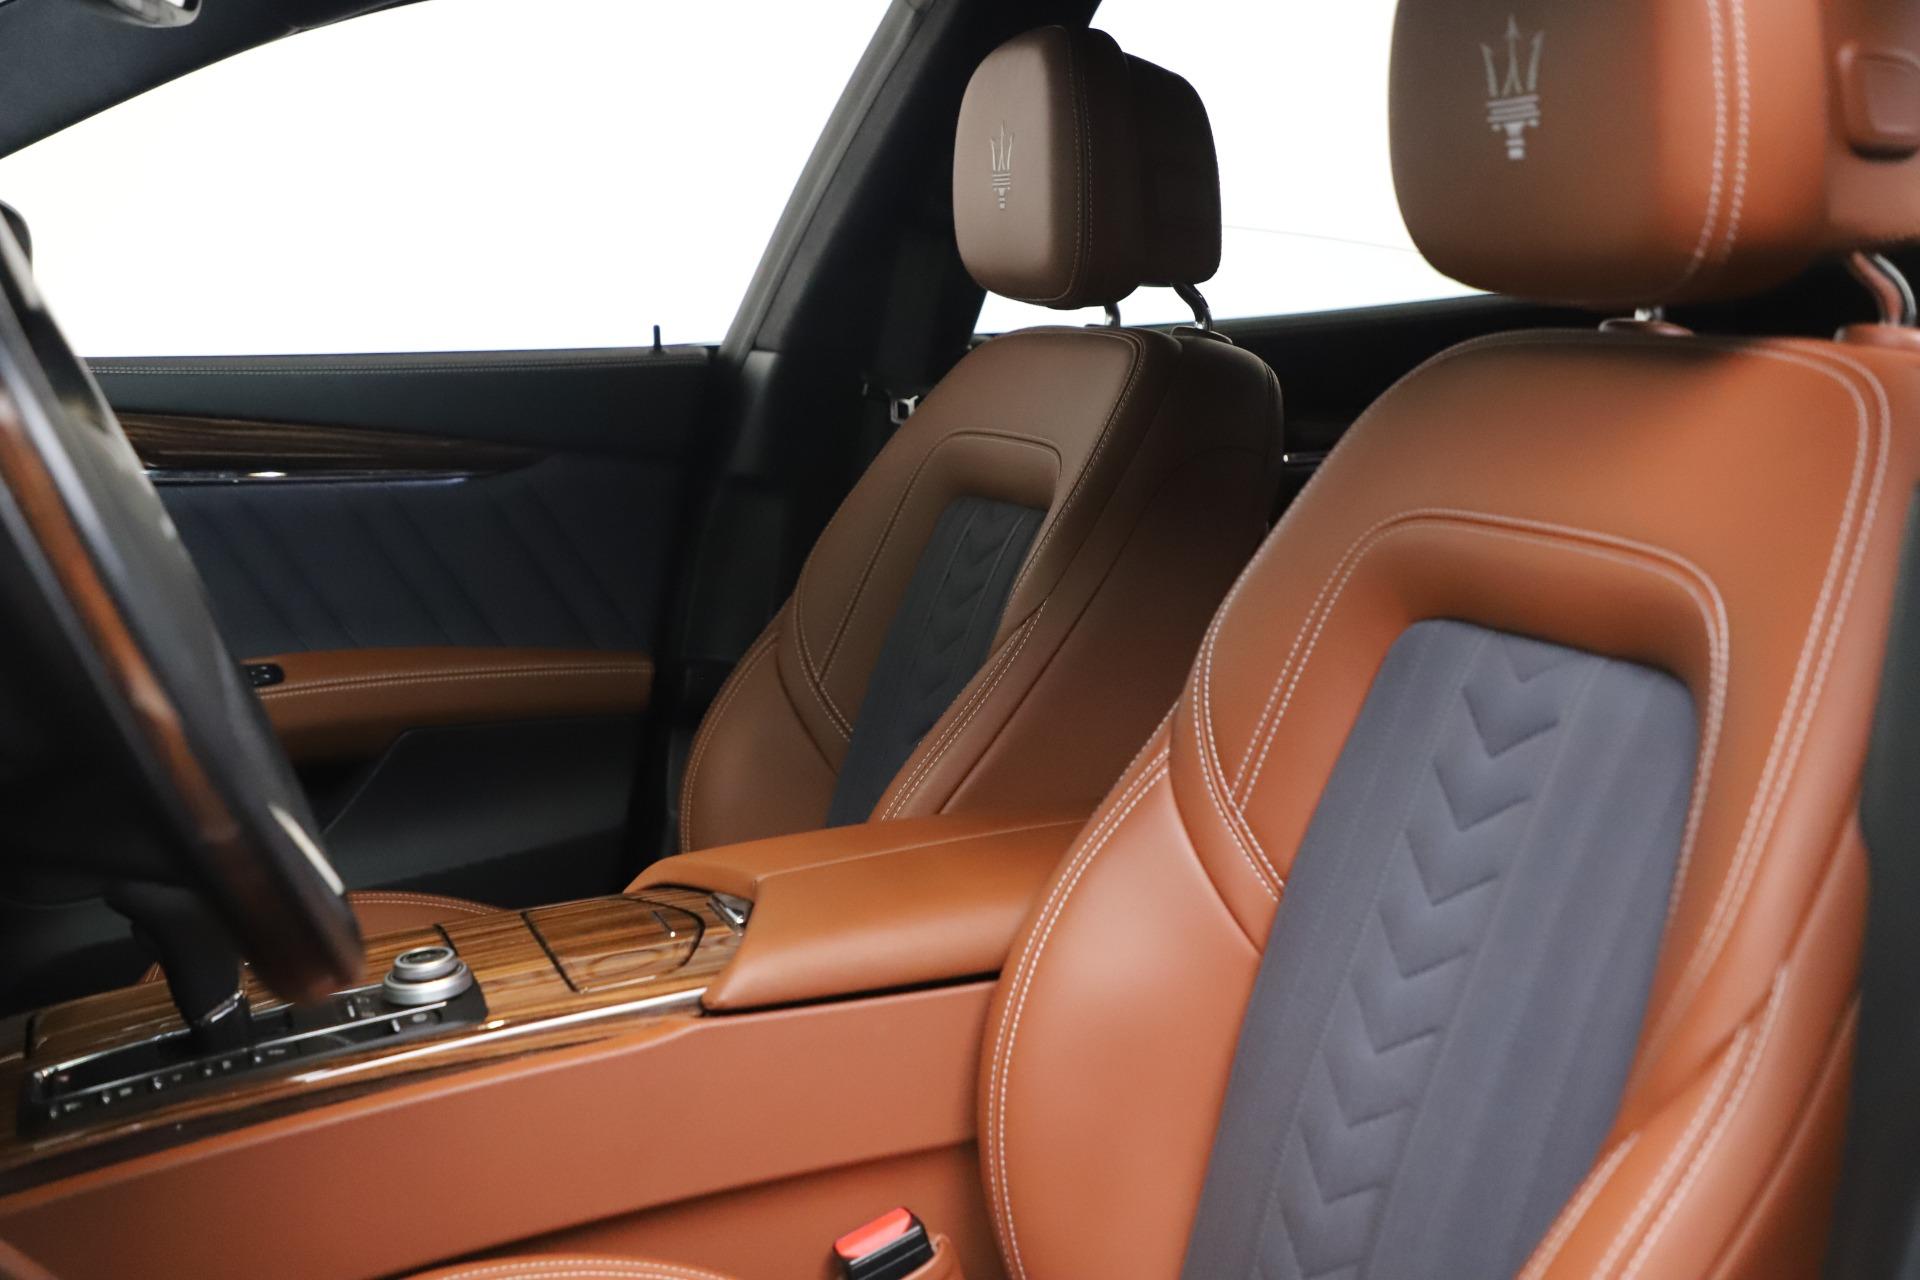 Used 2017 Maserati Quattroporte SQ4 GranLusso Zegna